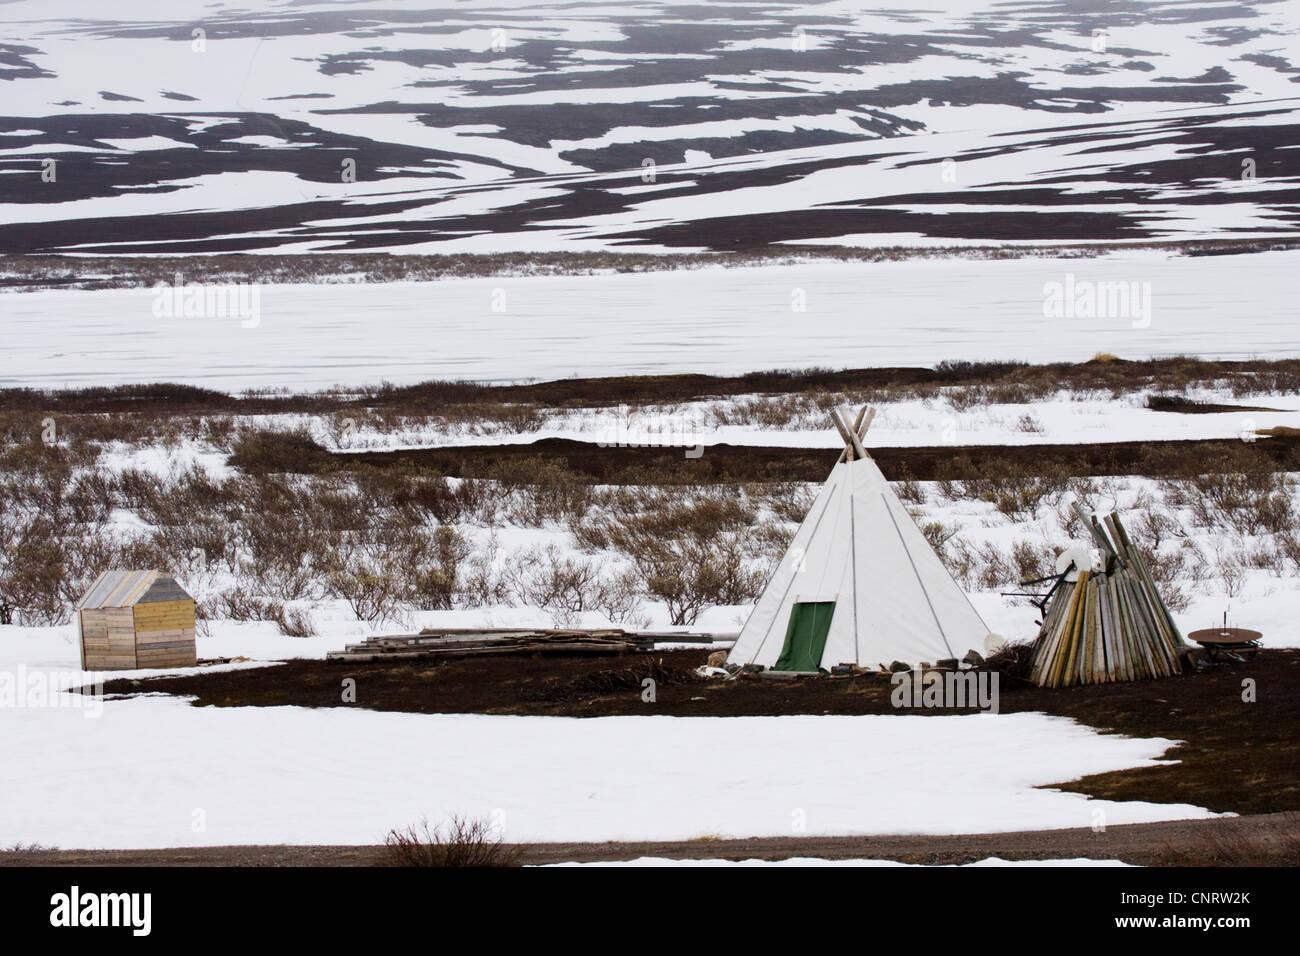 Tenda tradizionale della popolazione Sami nel paesaggio invernale, Norvegia, Penisola Varanger Immagini Stock